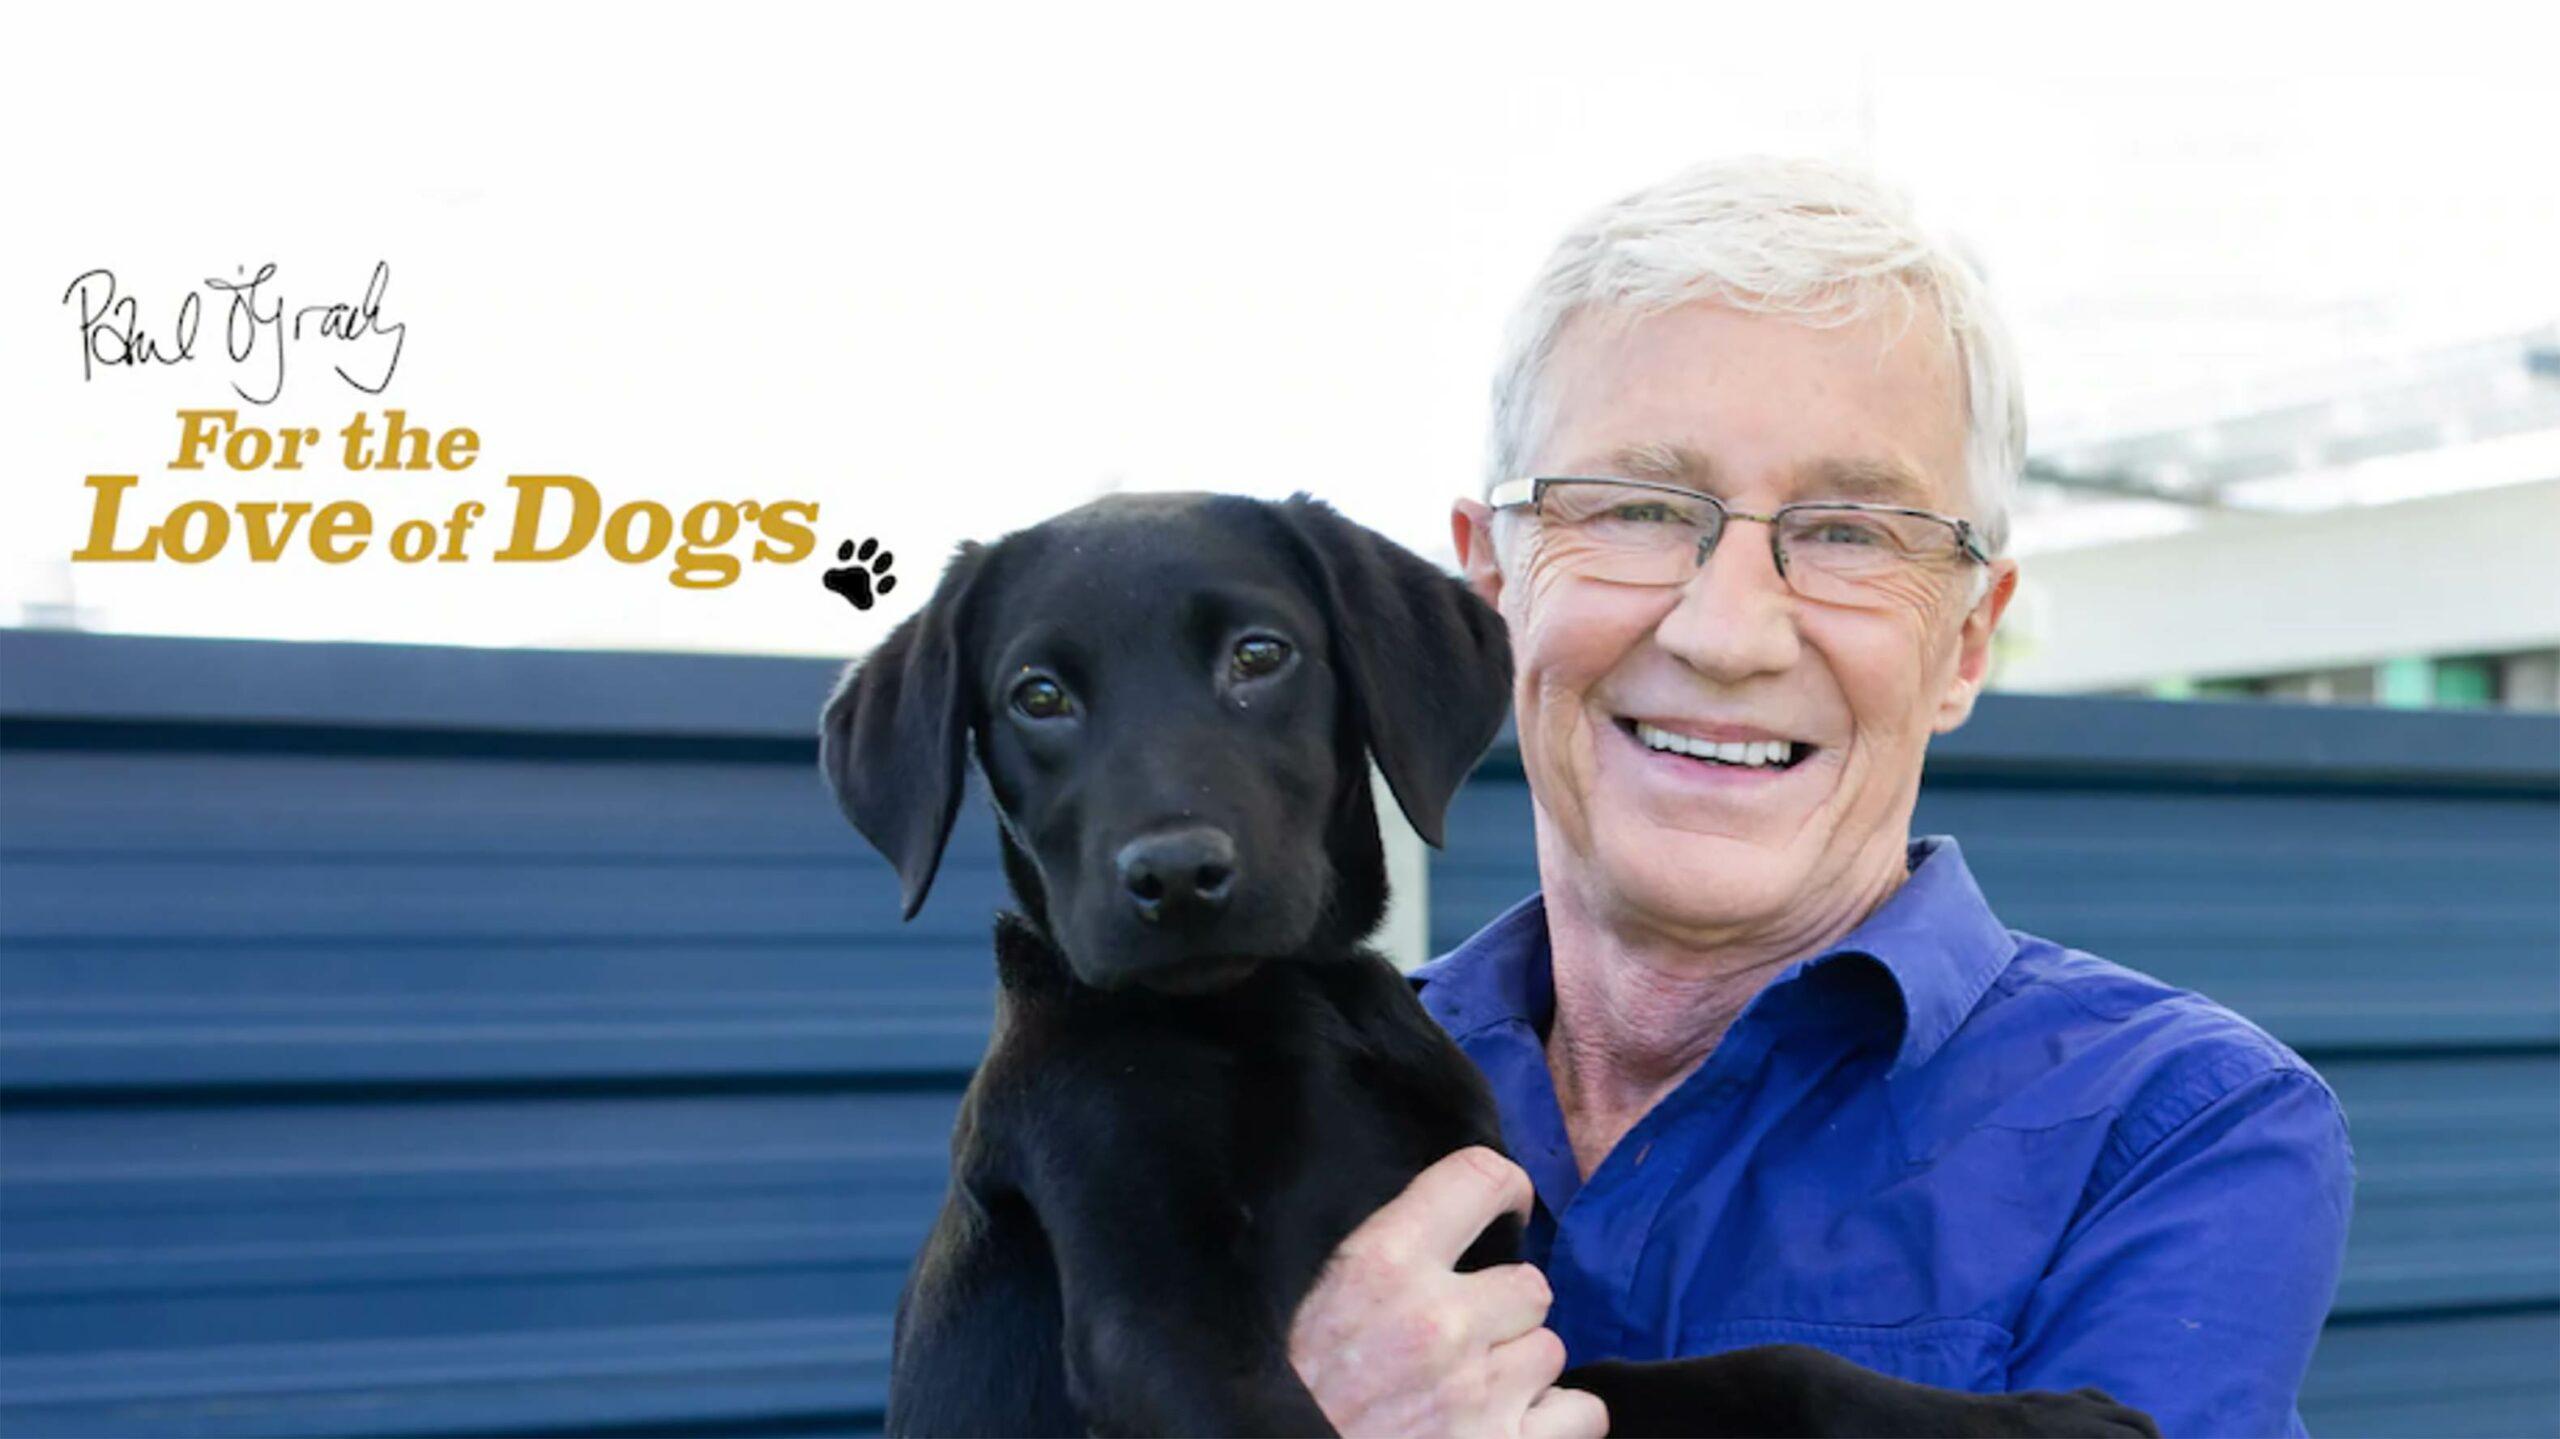 Paul O'Grady dogs